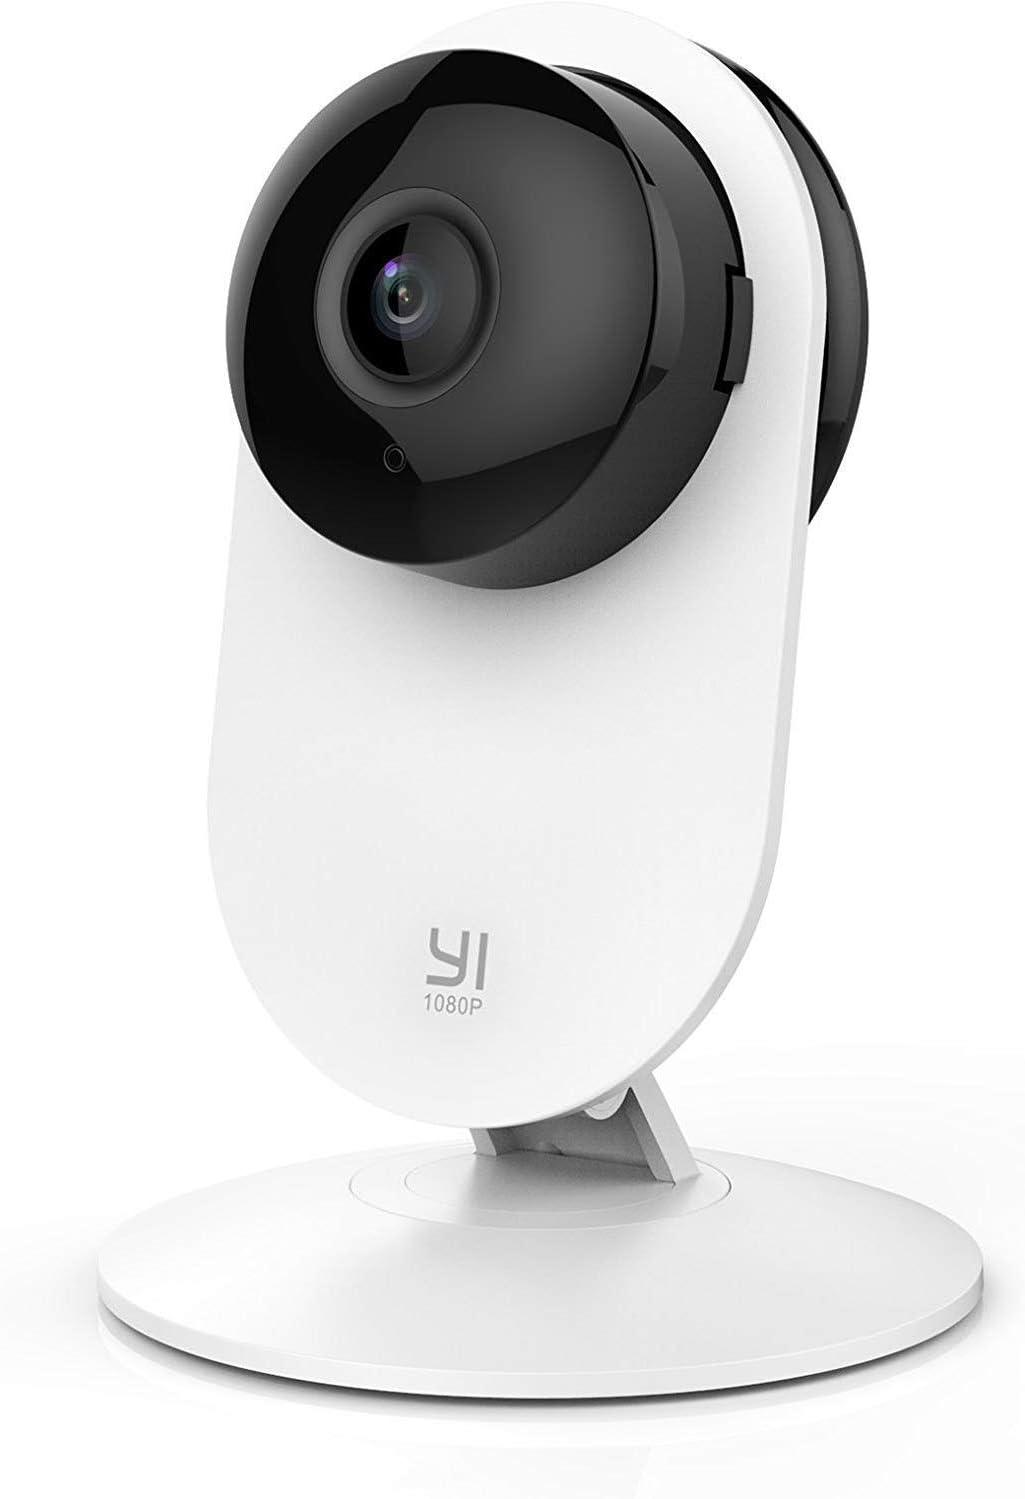 YI 1080p caméra Accueil, intérieur système de Surveillance de la sécurité IP avec Vision Nocturne pour la Maison/Bureau/bébé/nourrice/Pet Moniteur avec iOS, Android app - Service Cloud disponi